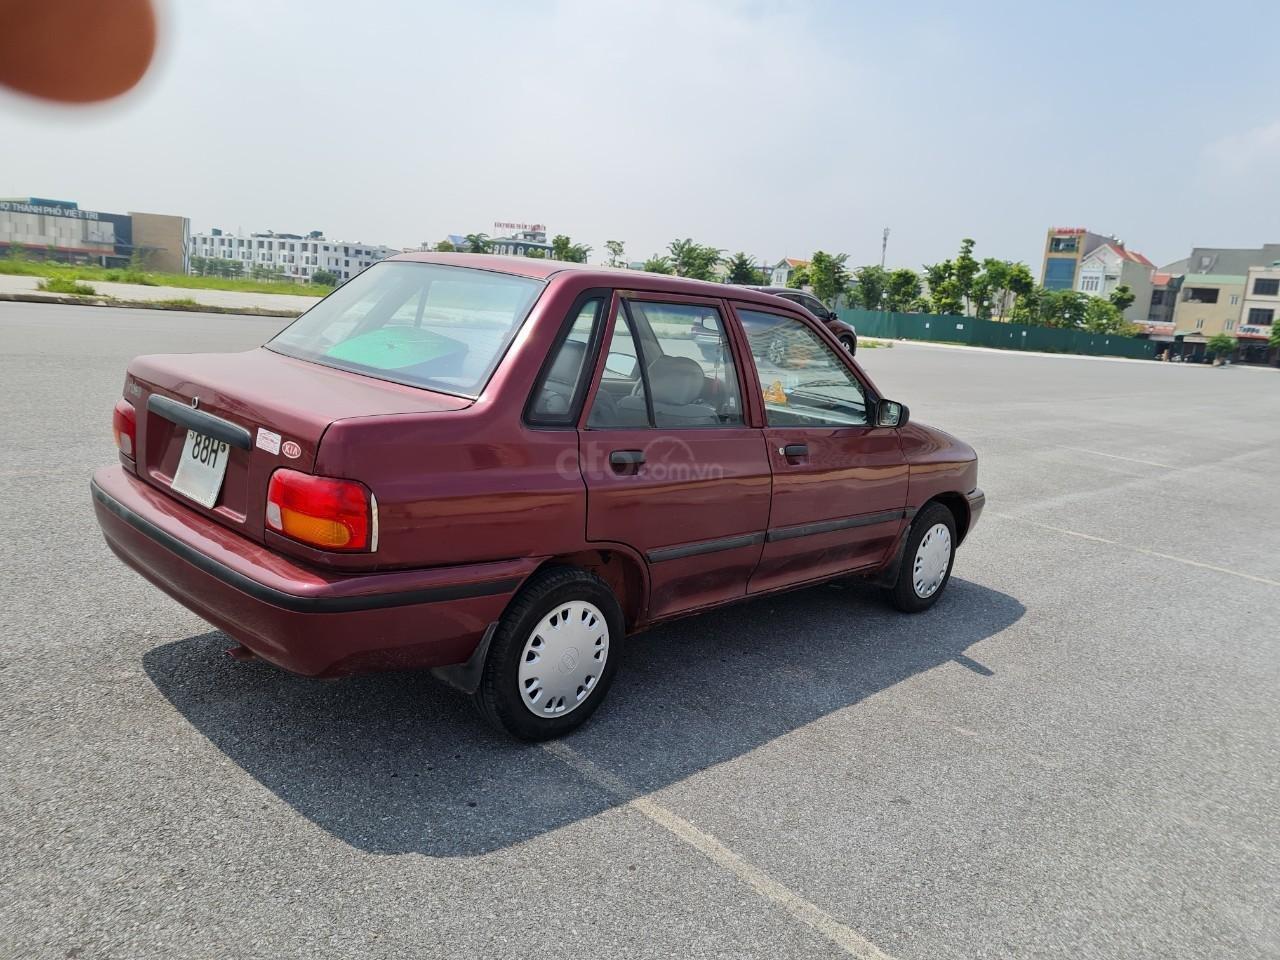 Cần bán Kia Pride GTL, SX 2001, máy xăng, nhập khẩu, đã chạy 80000km, xăng 6 L/100km, nội thất màu ghi, xe 5 cửa, máy 1.3 (3)